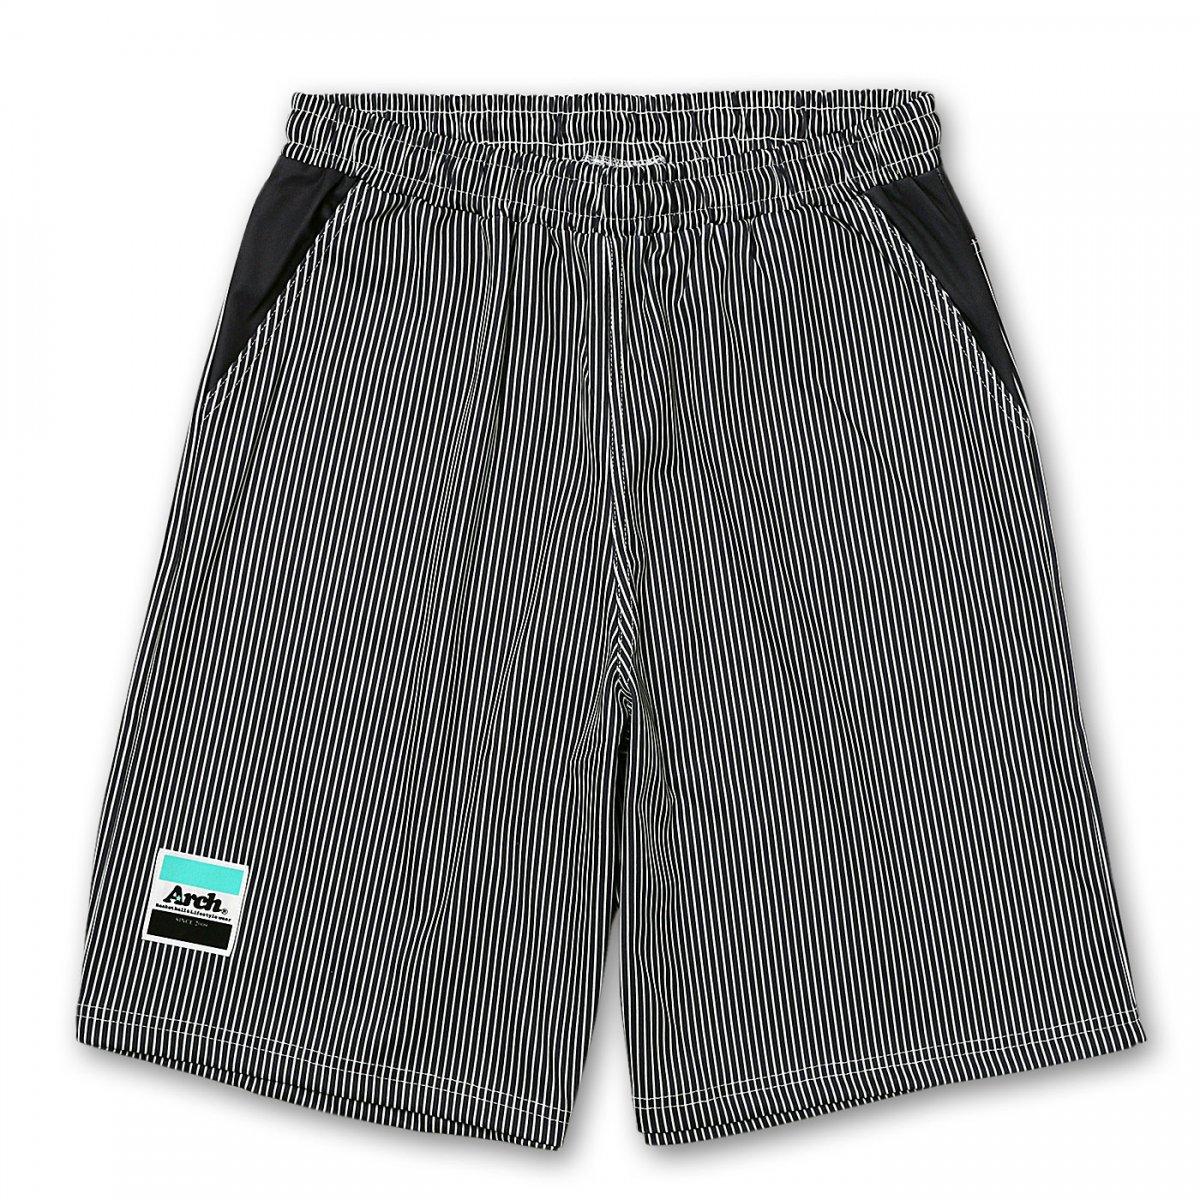 hickory stripe shorts【gray】